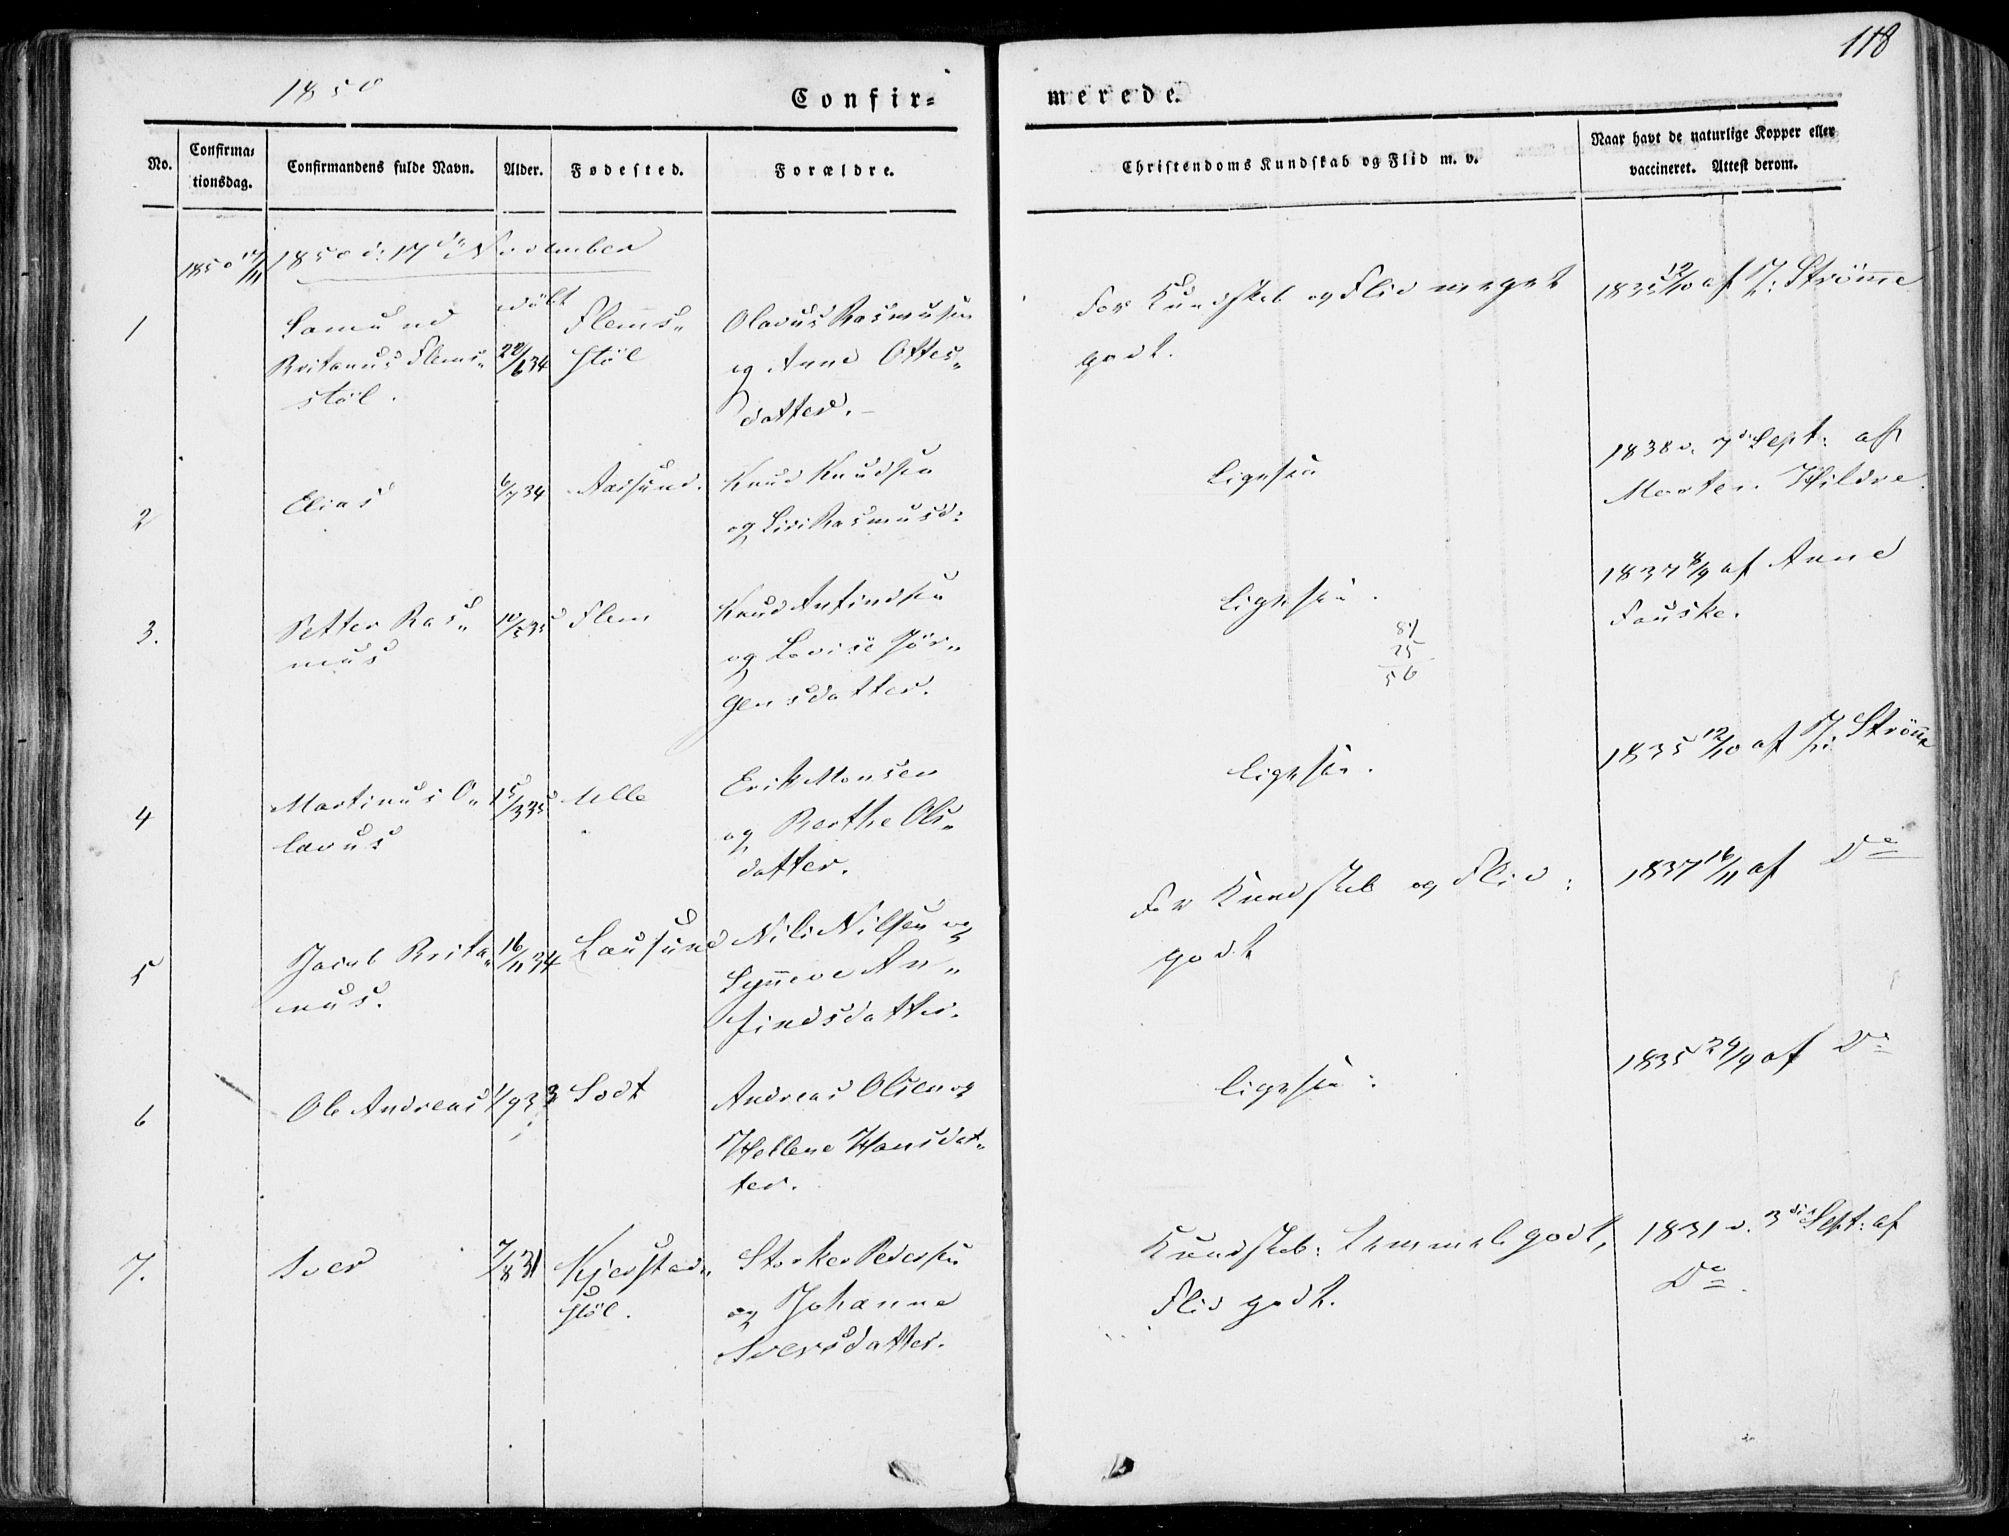 SAT, Ministerialprotokoller, klokkerbøker og fødselsregistre - Møre og Romsdal, 536/L0497: Ministerialbok nr. 536A06, 1845-1865, s. 118